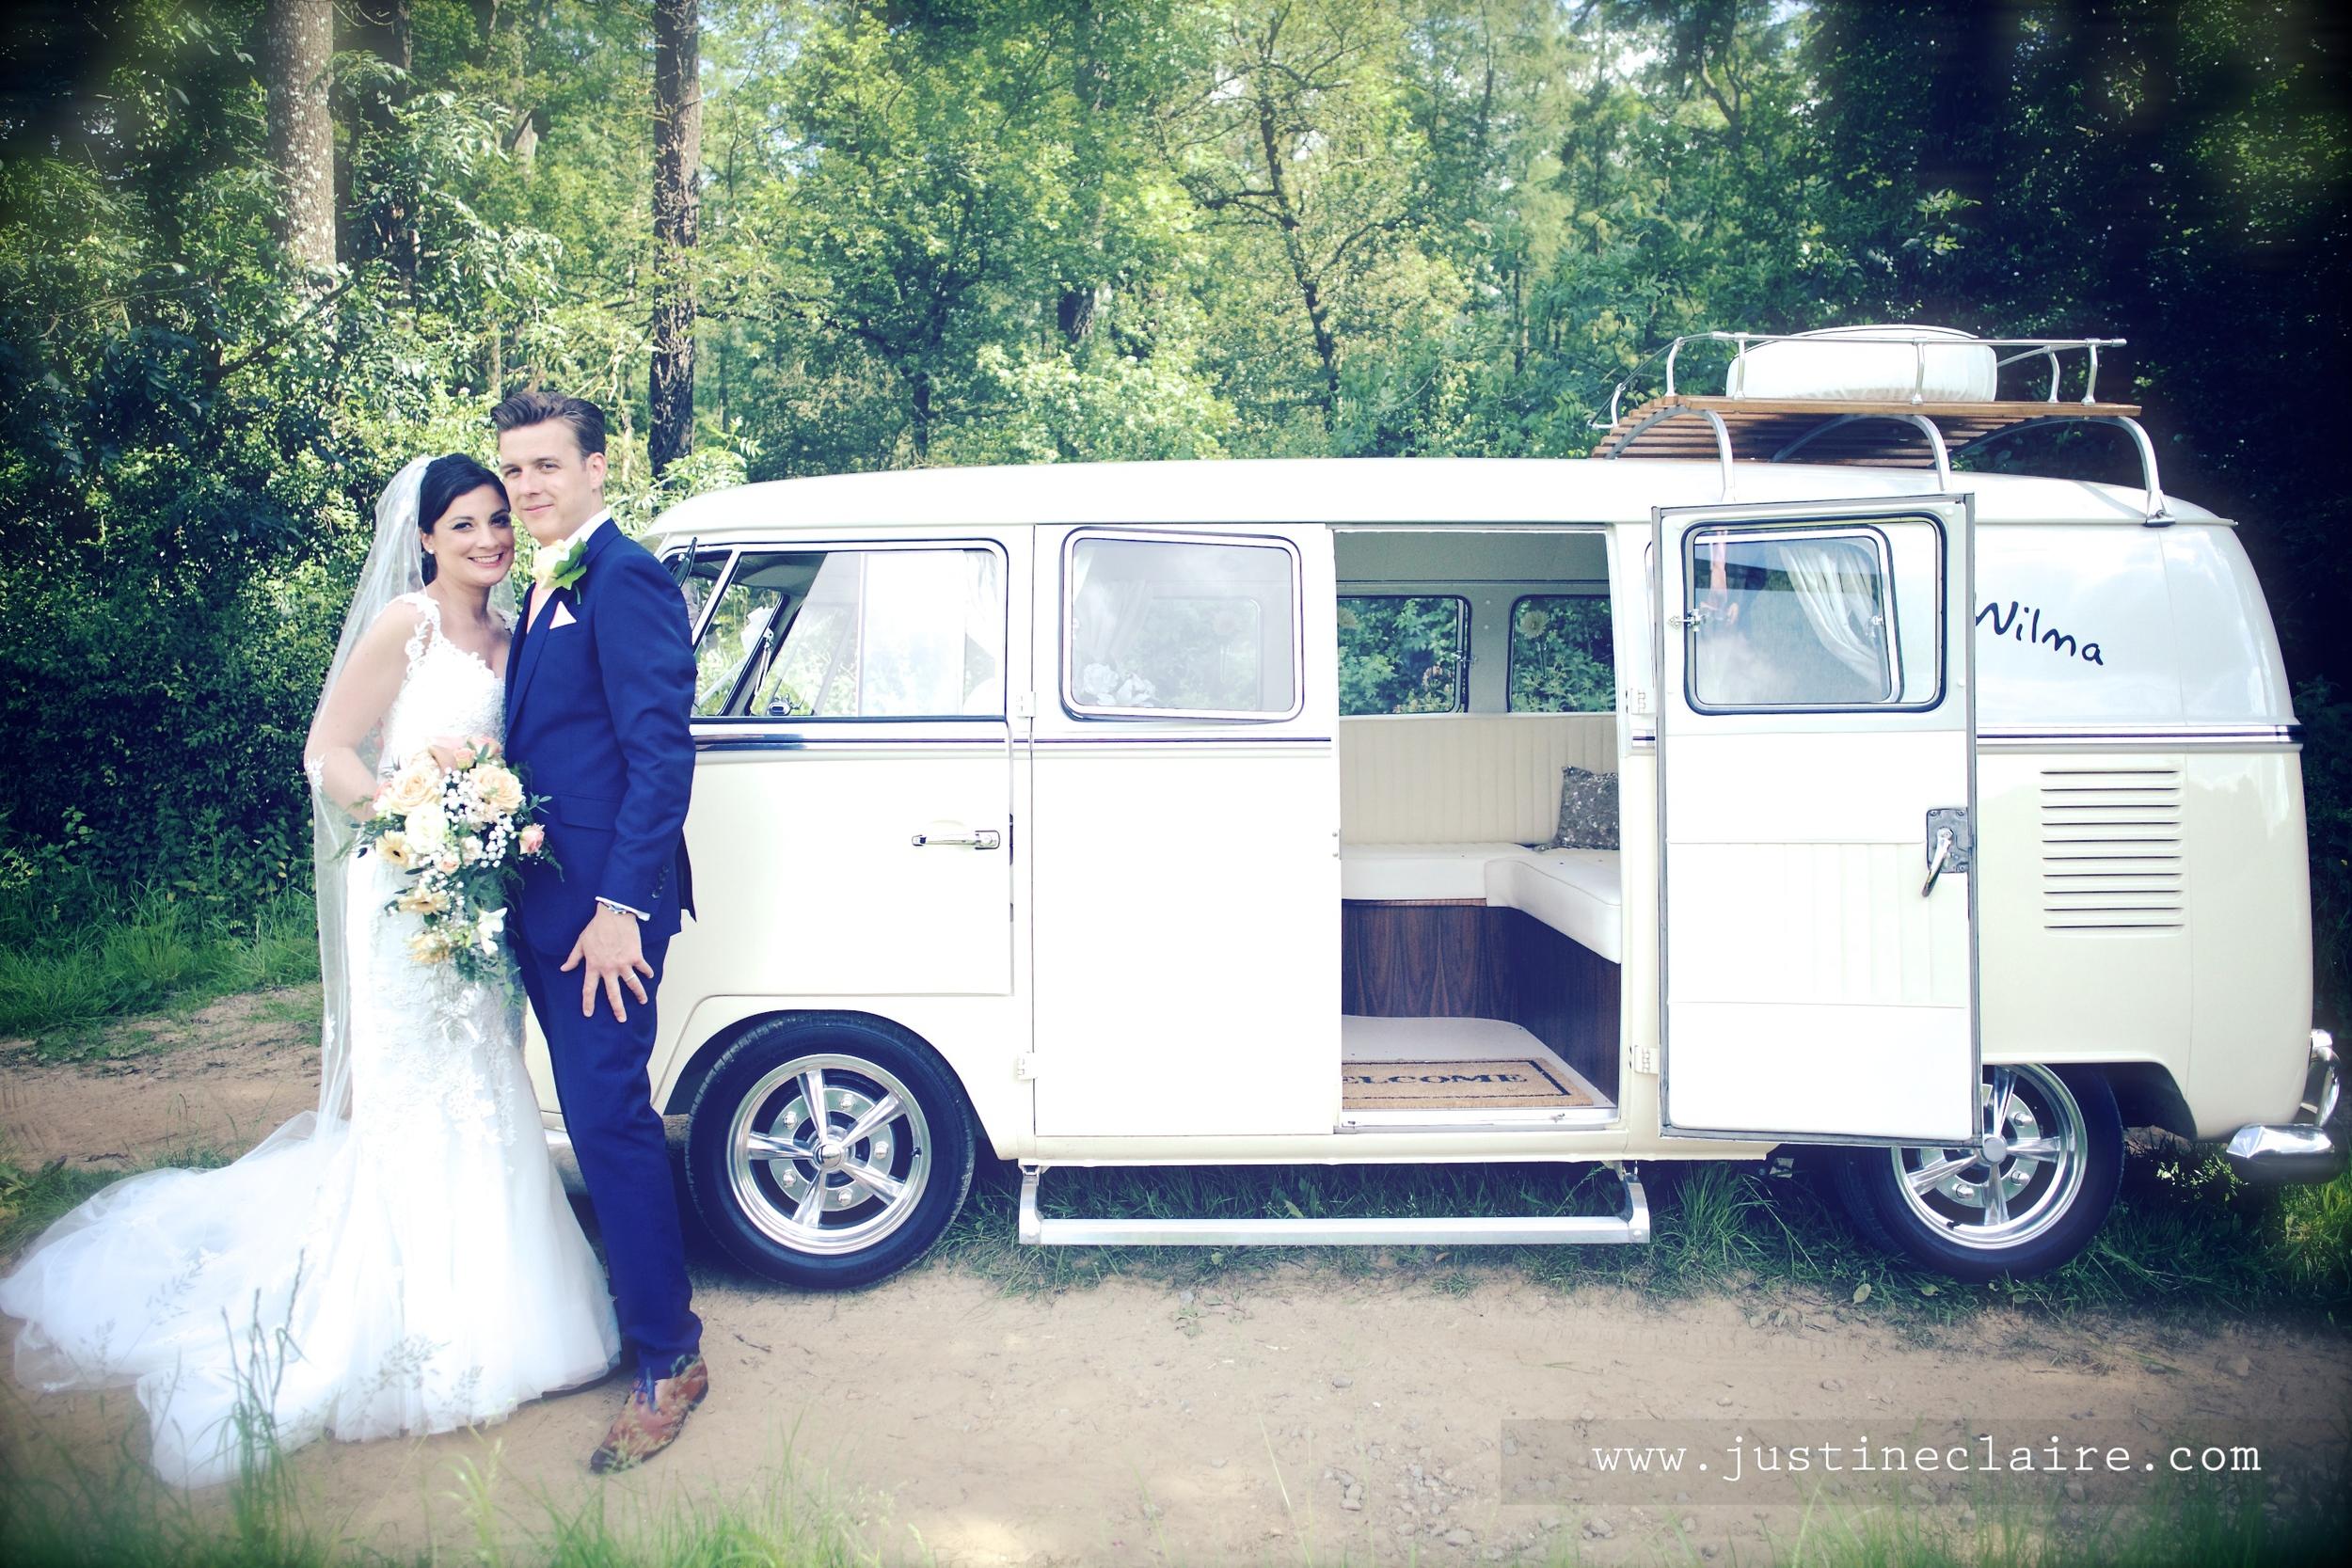 In the shade - Bartholomew Barn Wedding Photographers